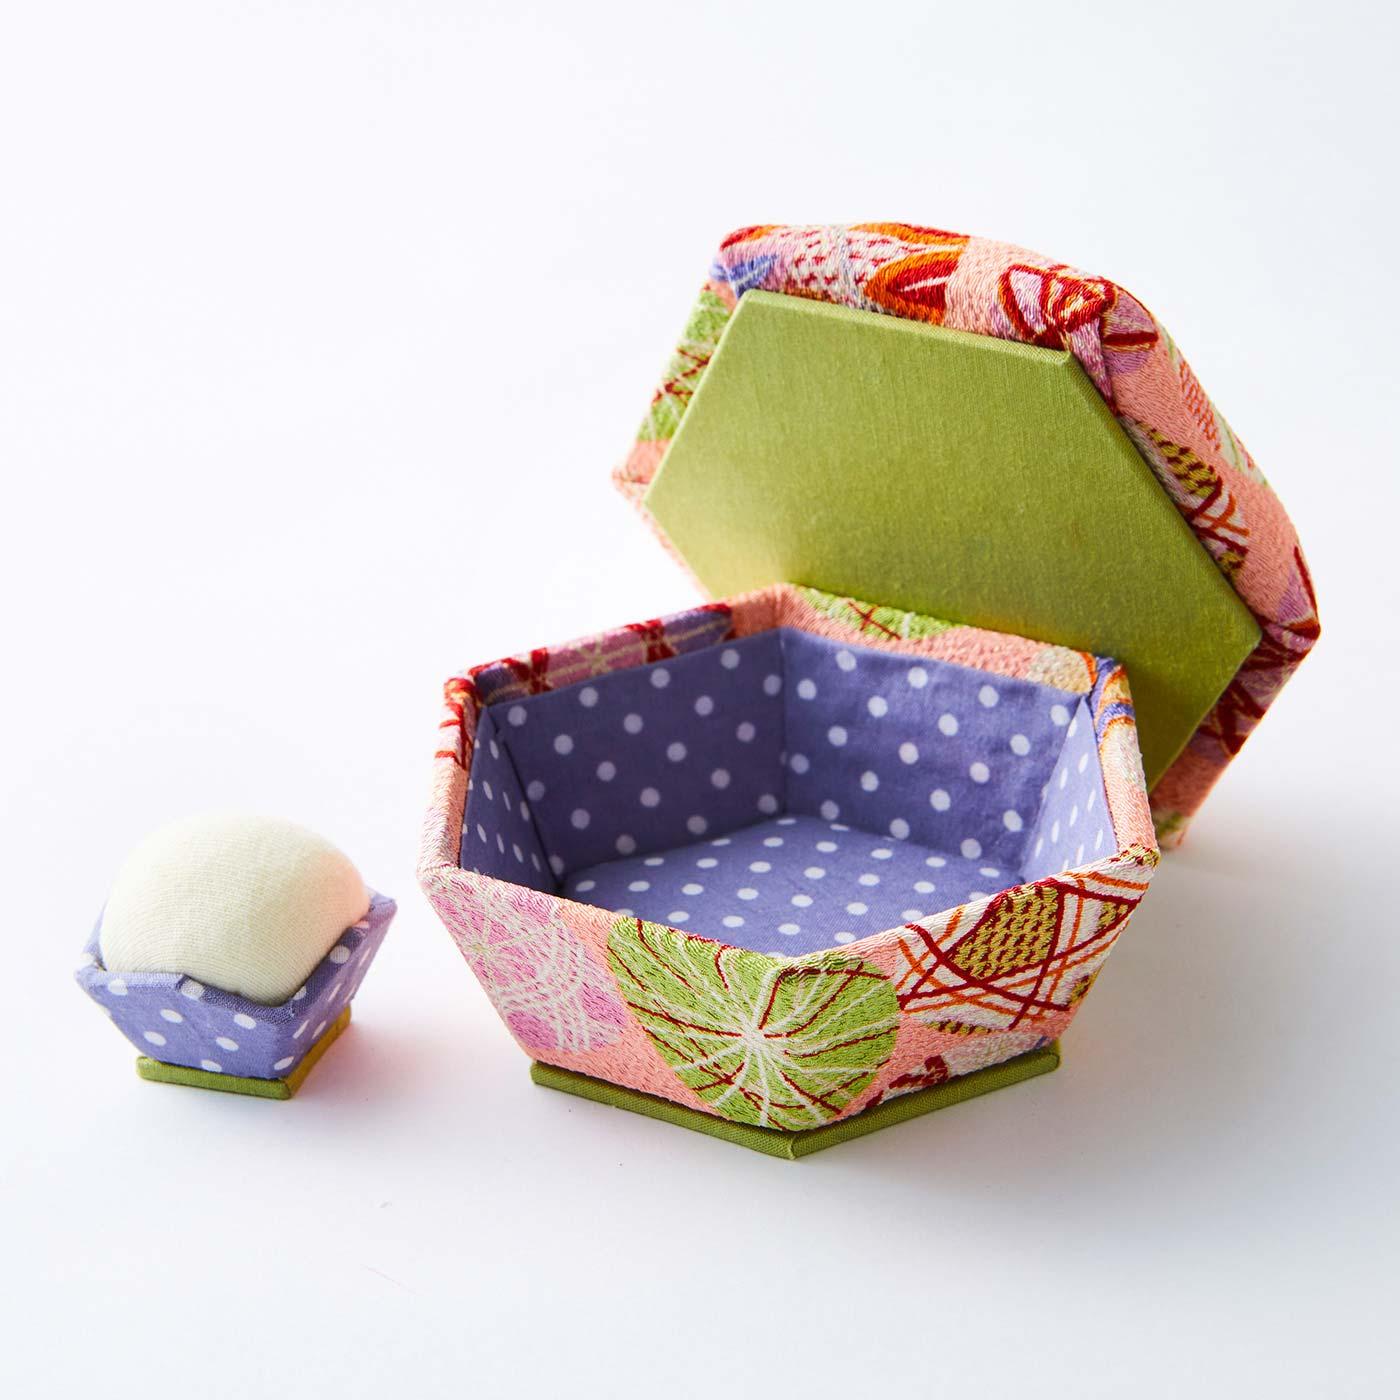 六角箱と針山(文具・小物ケース) 箱:直径約10.5cm、高さ約5.5cm 針山:直径約3cm、高さ約3cm